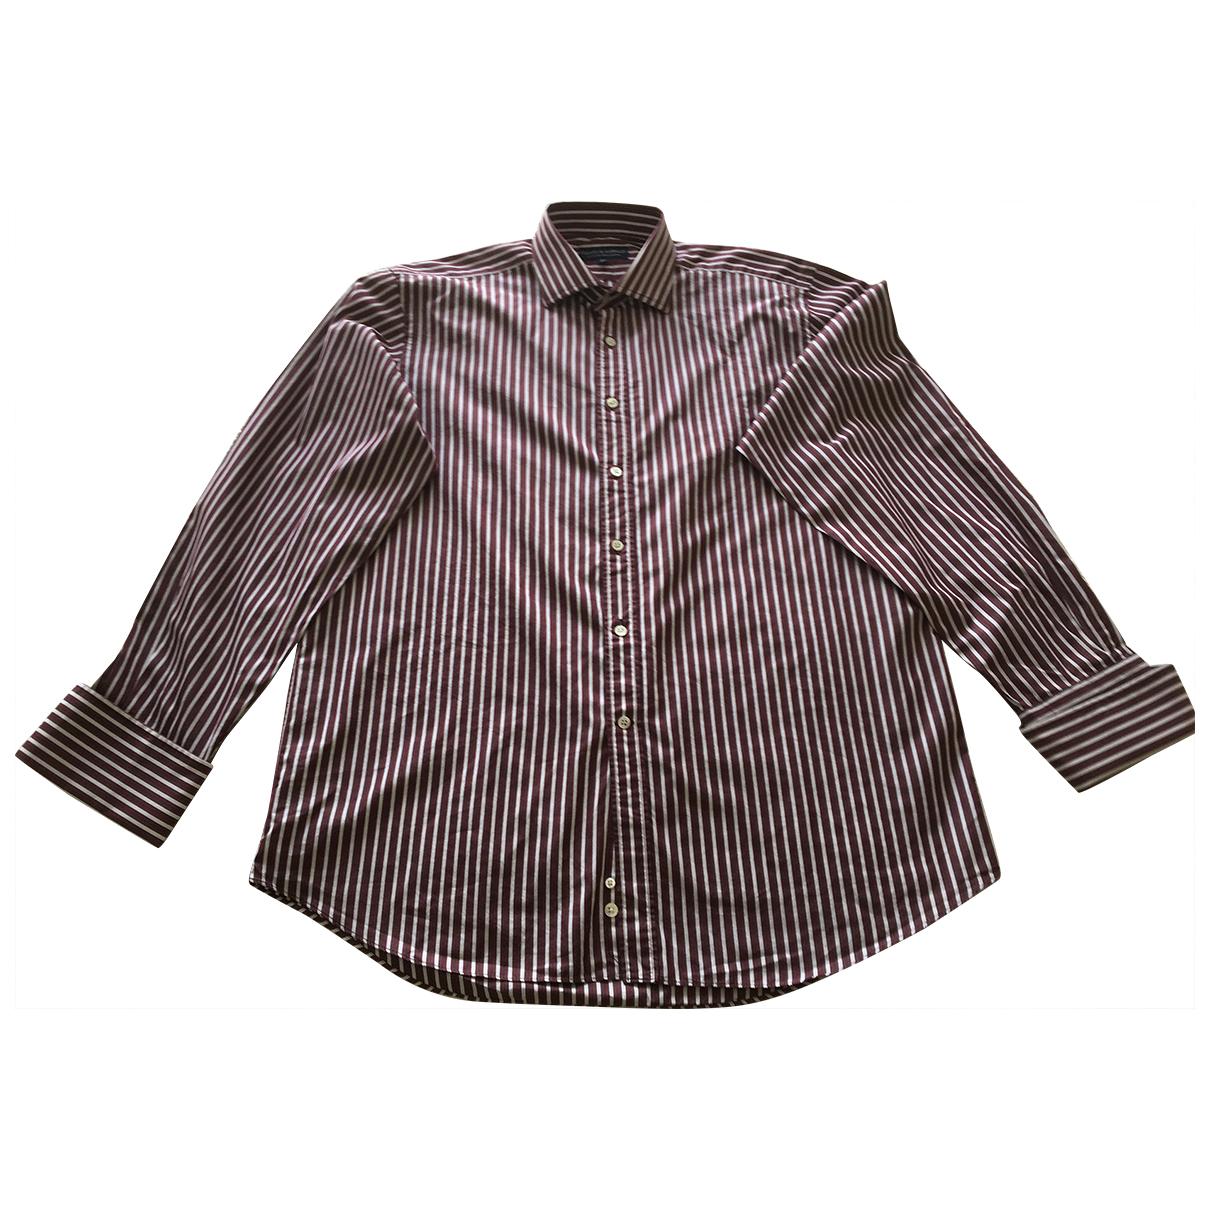 Gieves & Hawkes - Chemises   pour homme en coton - multicolore